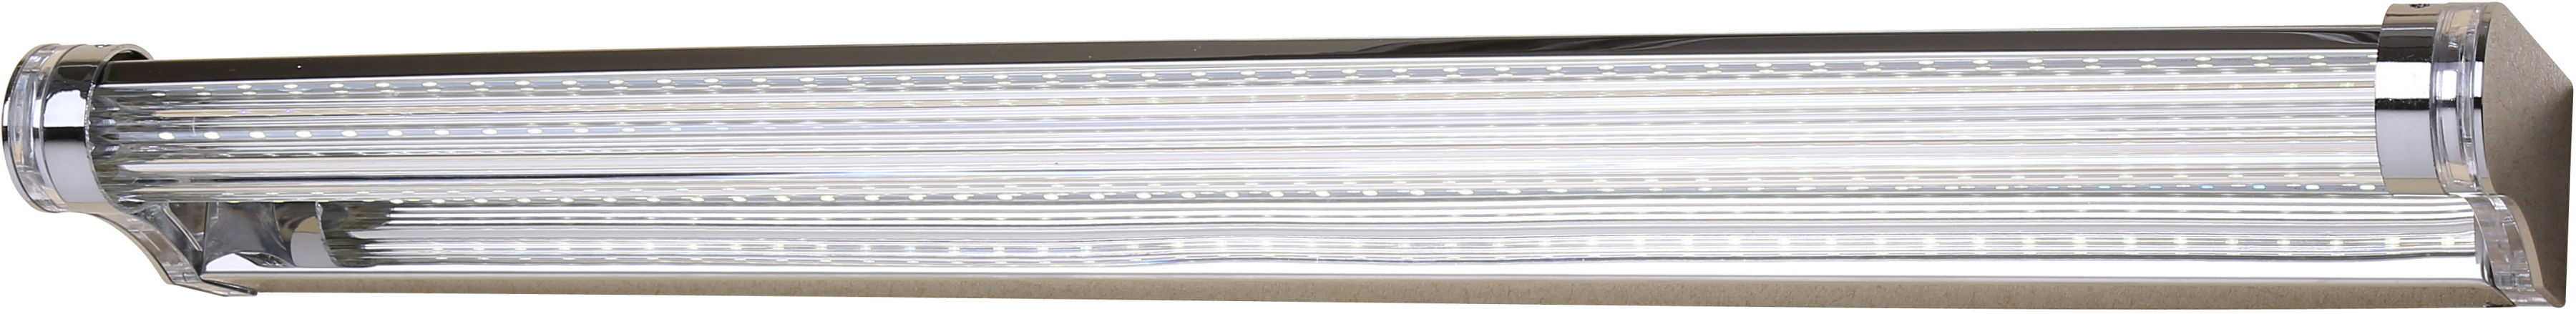 Candellux MODERNO 20-40794 kinkiet lampa ścienna stal nierdzewna polerowana 9W LED akryl 58cm